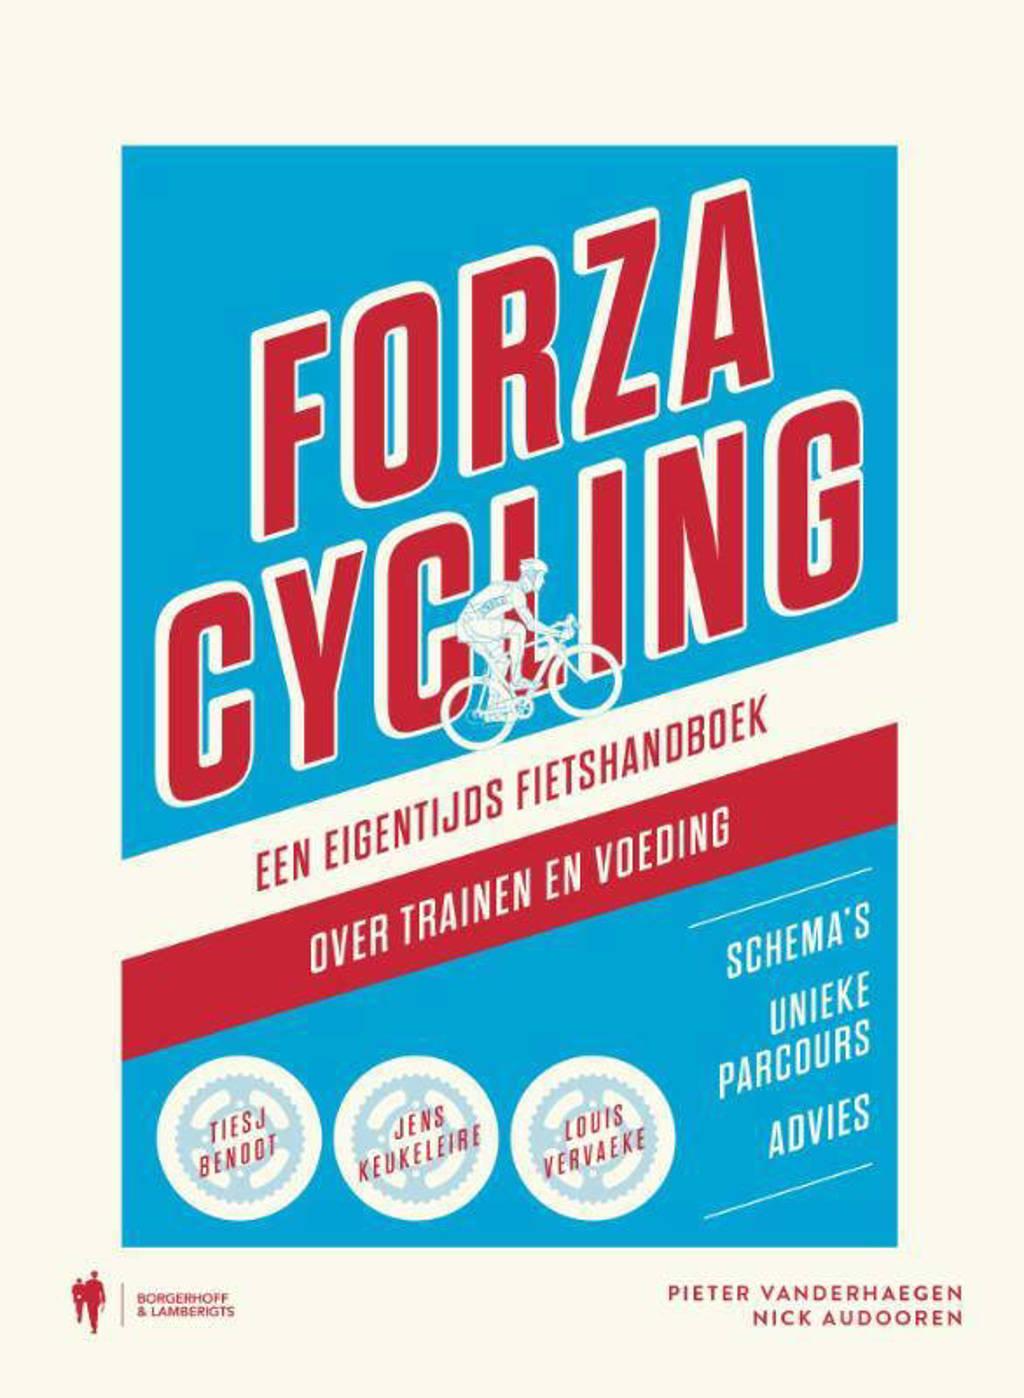 Forza cycling - Pieter Vanderhaegen en Nick Audooren